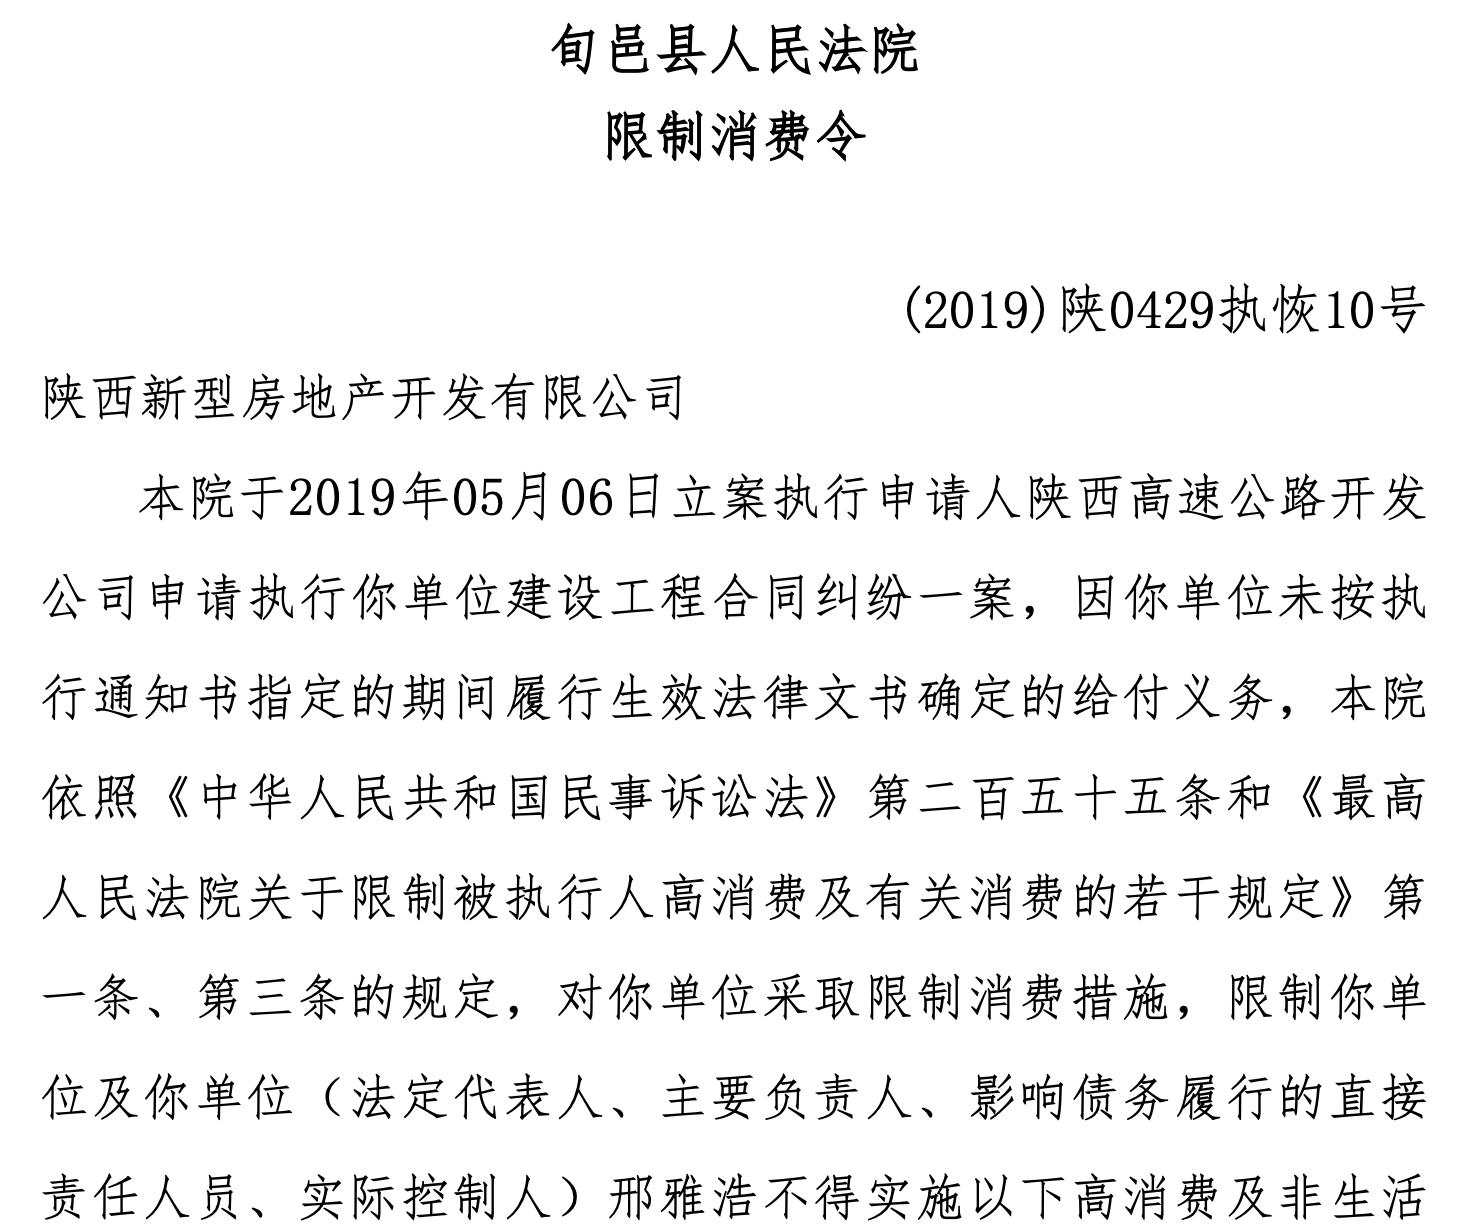 摩天注册:西百亿民企西部集团摩天注册强势介入图片